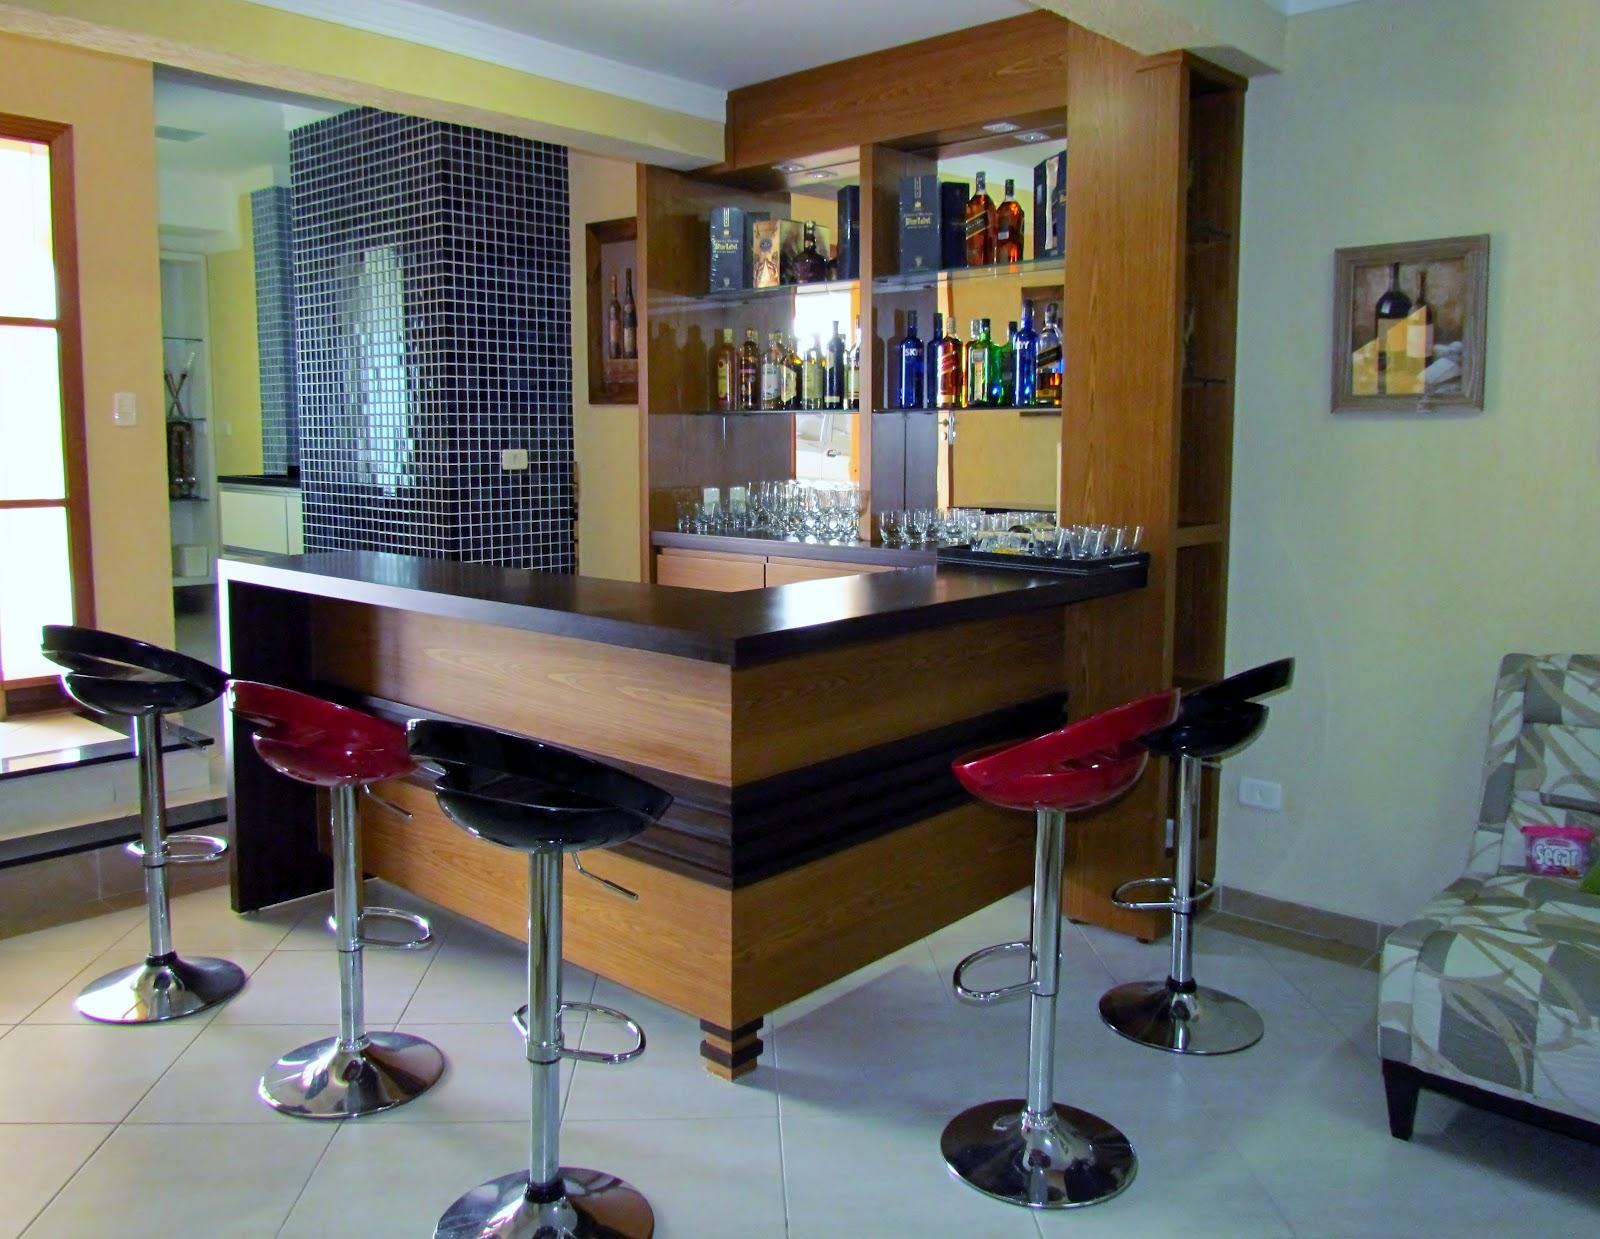 CASA DA MADEIRA Móveis Planejados (19) 3269 6166: Bares #683F26 1600x1239 Banheiro Acoplado Closet